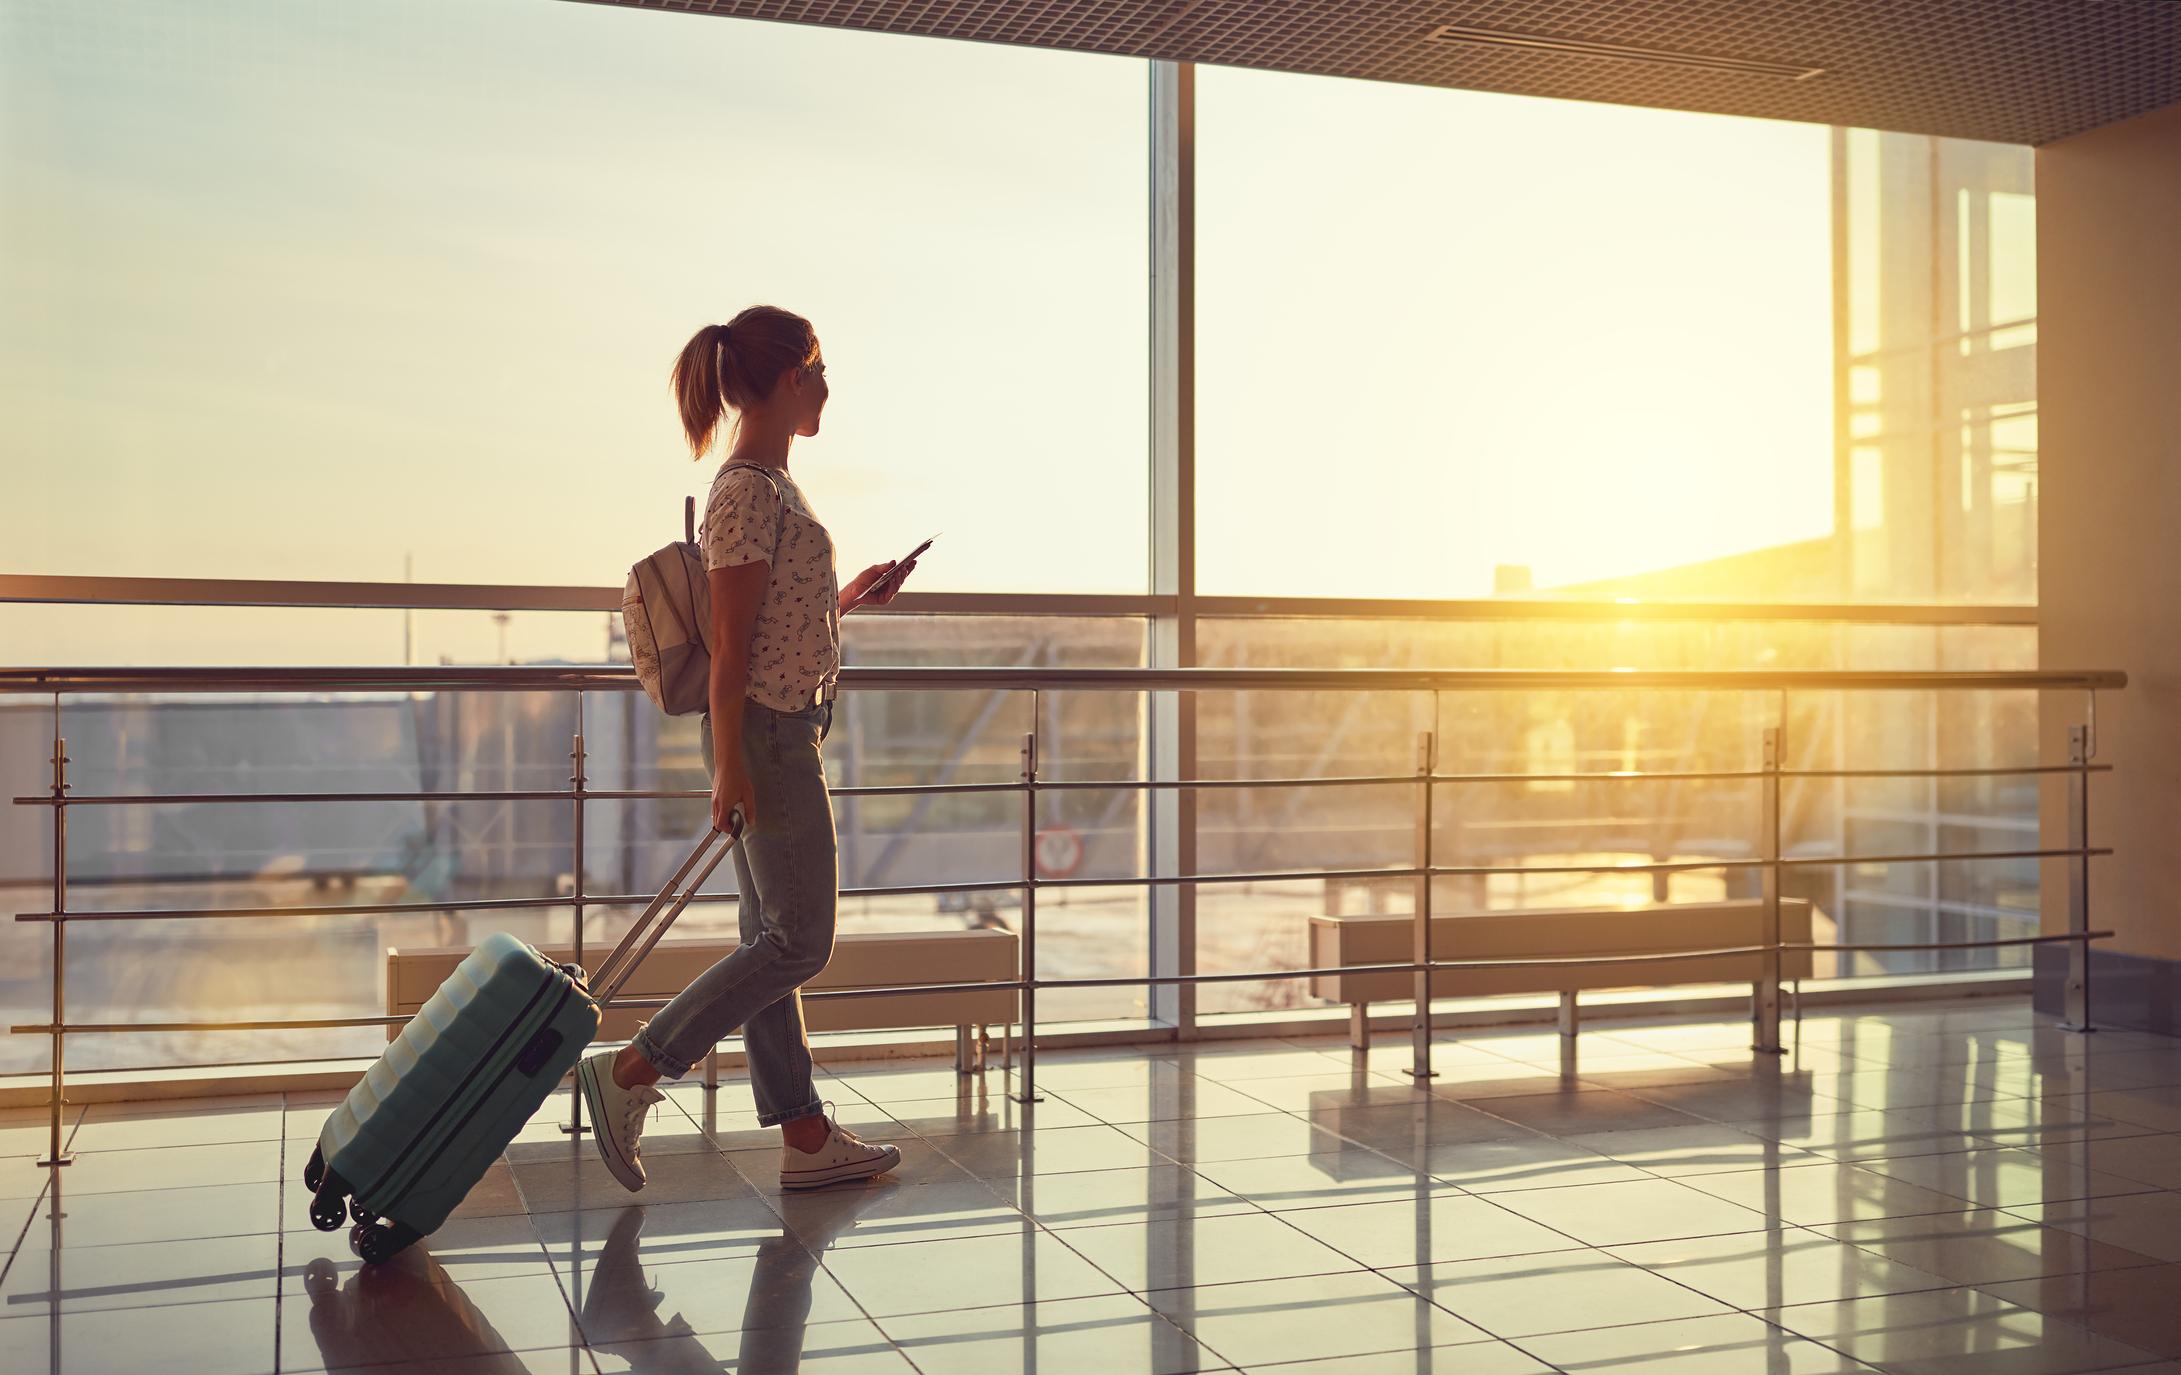 Trabalhar e Estudar - Travel